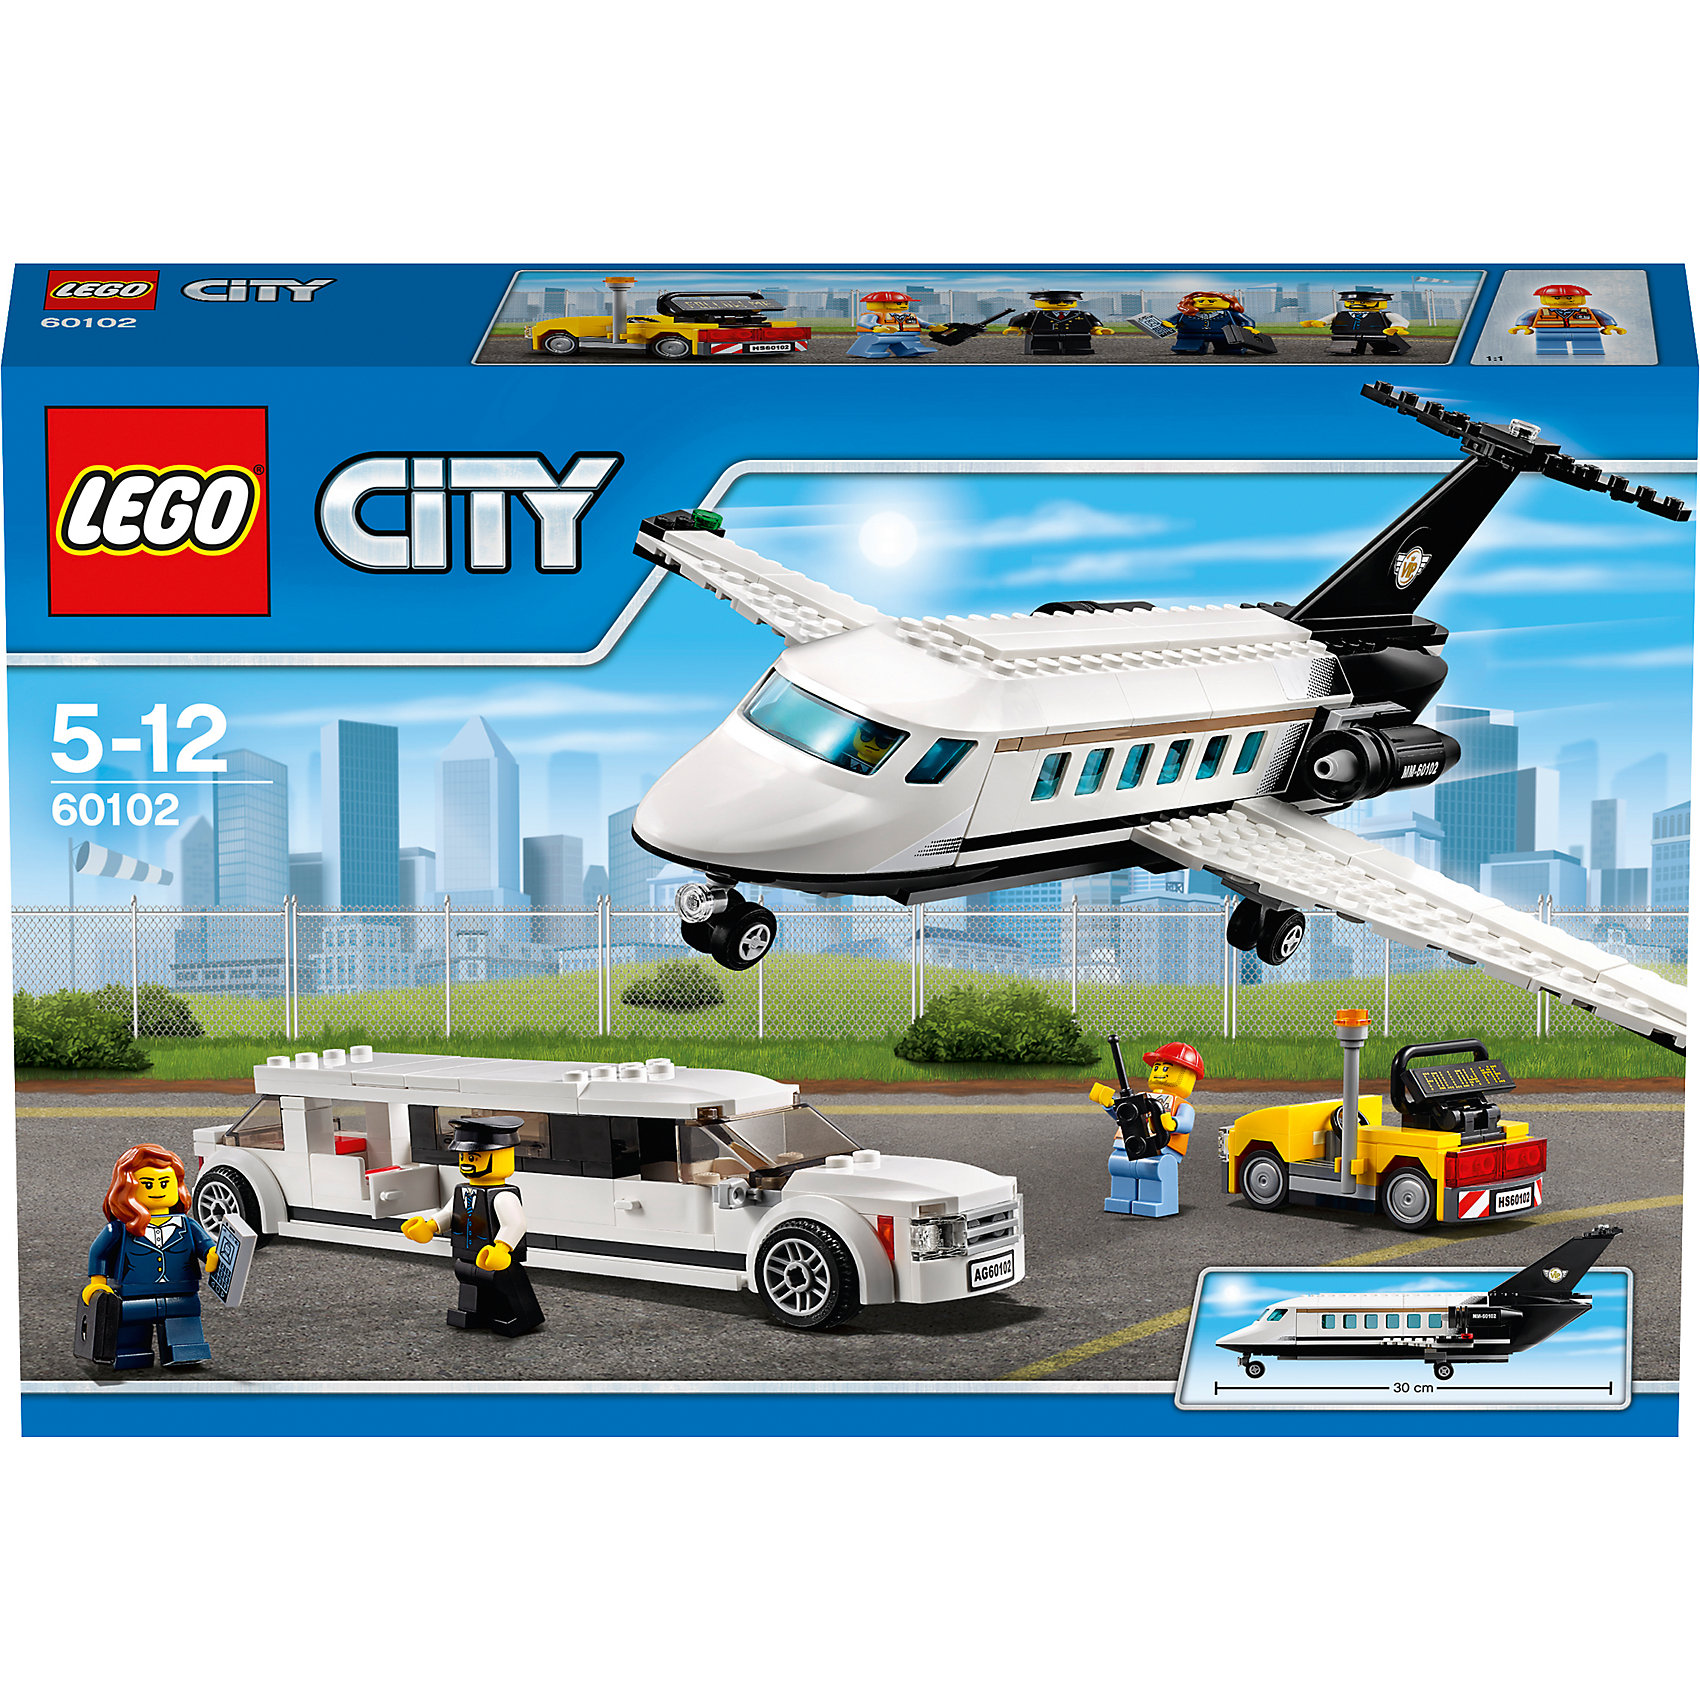 LEGO City 60102: ������ ��������� ��� VIP-��������